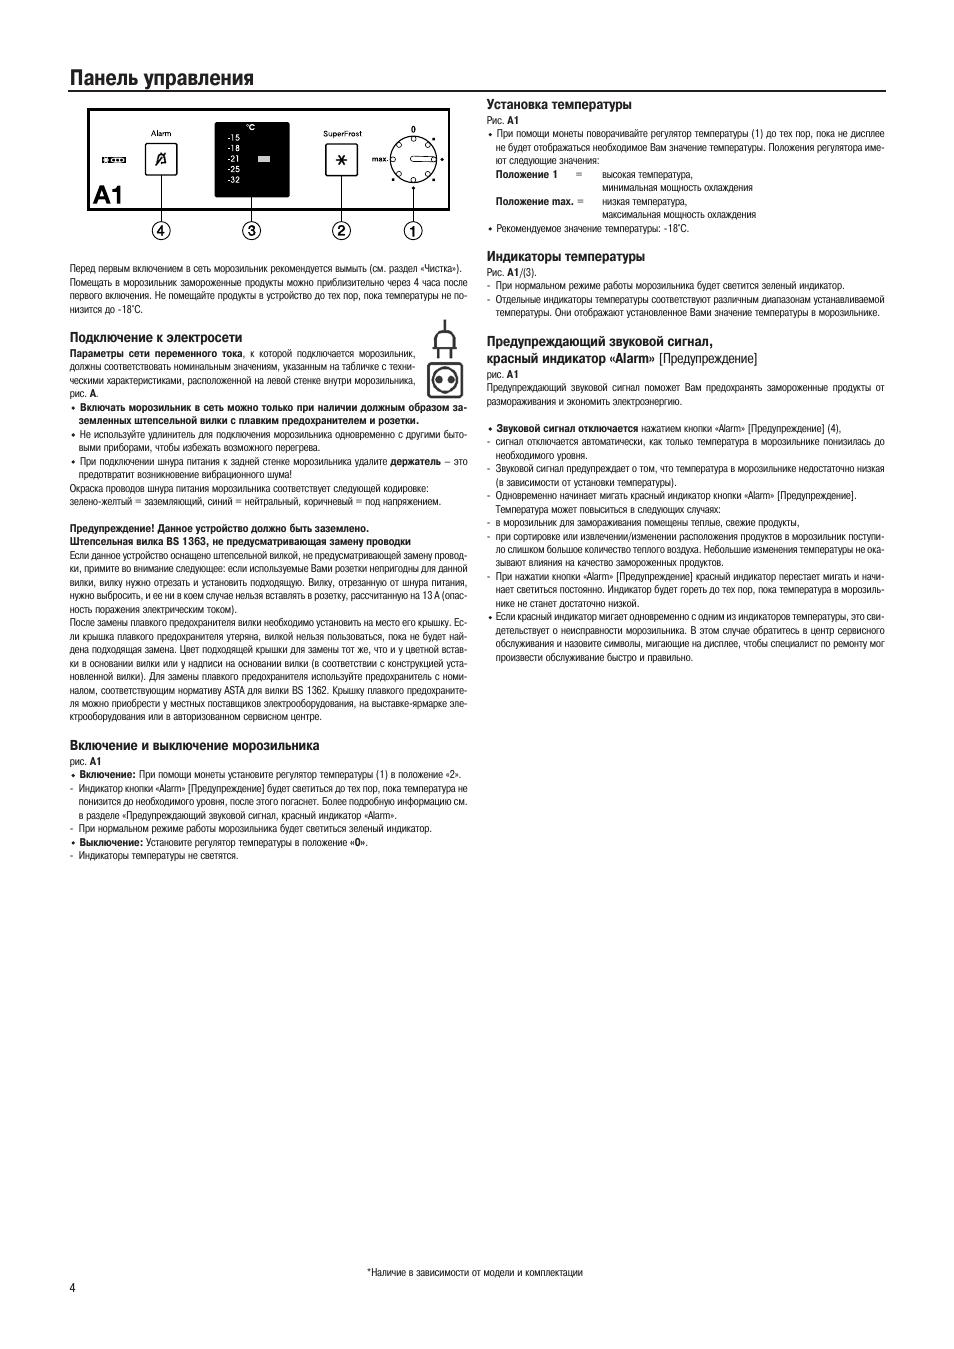 Купить больничный лист в Москве Текстильщики задним числом в химках